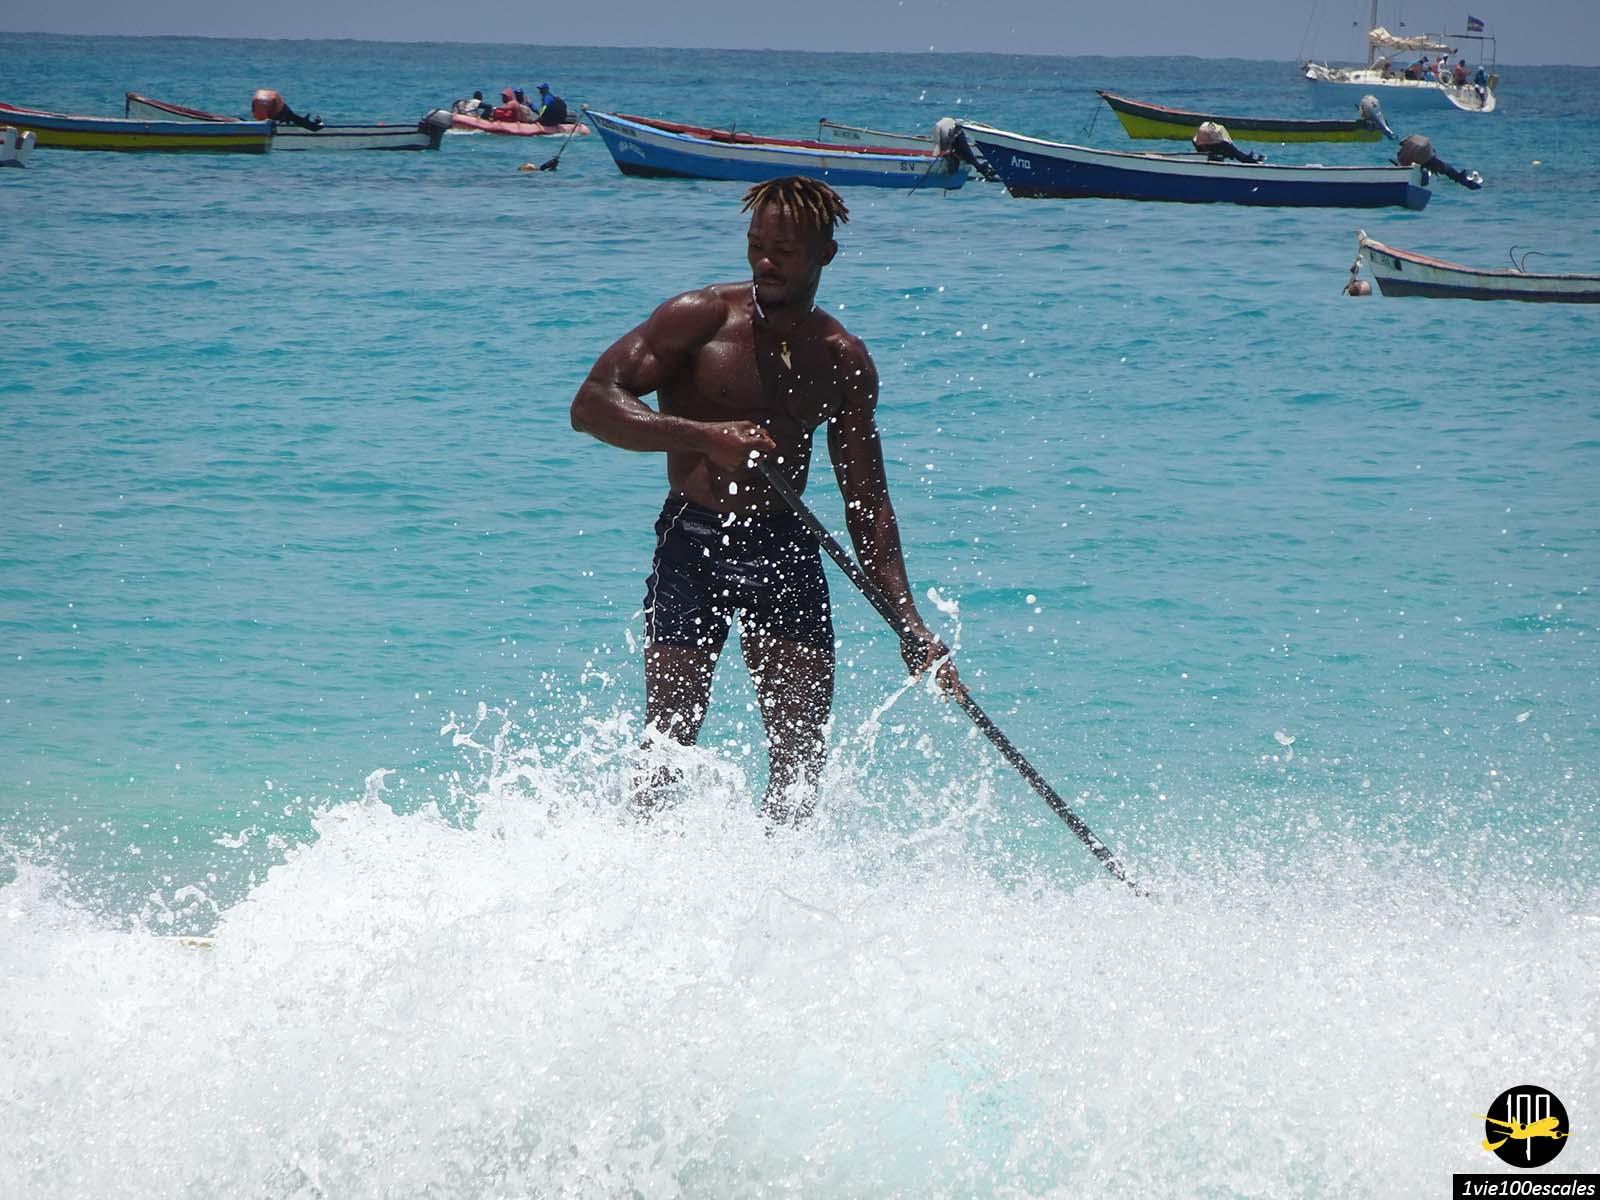 Les cours de surfs vous seront très agréables à Santa Maria sur l'île de Sal